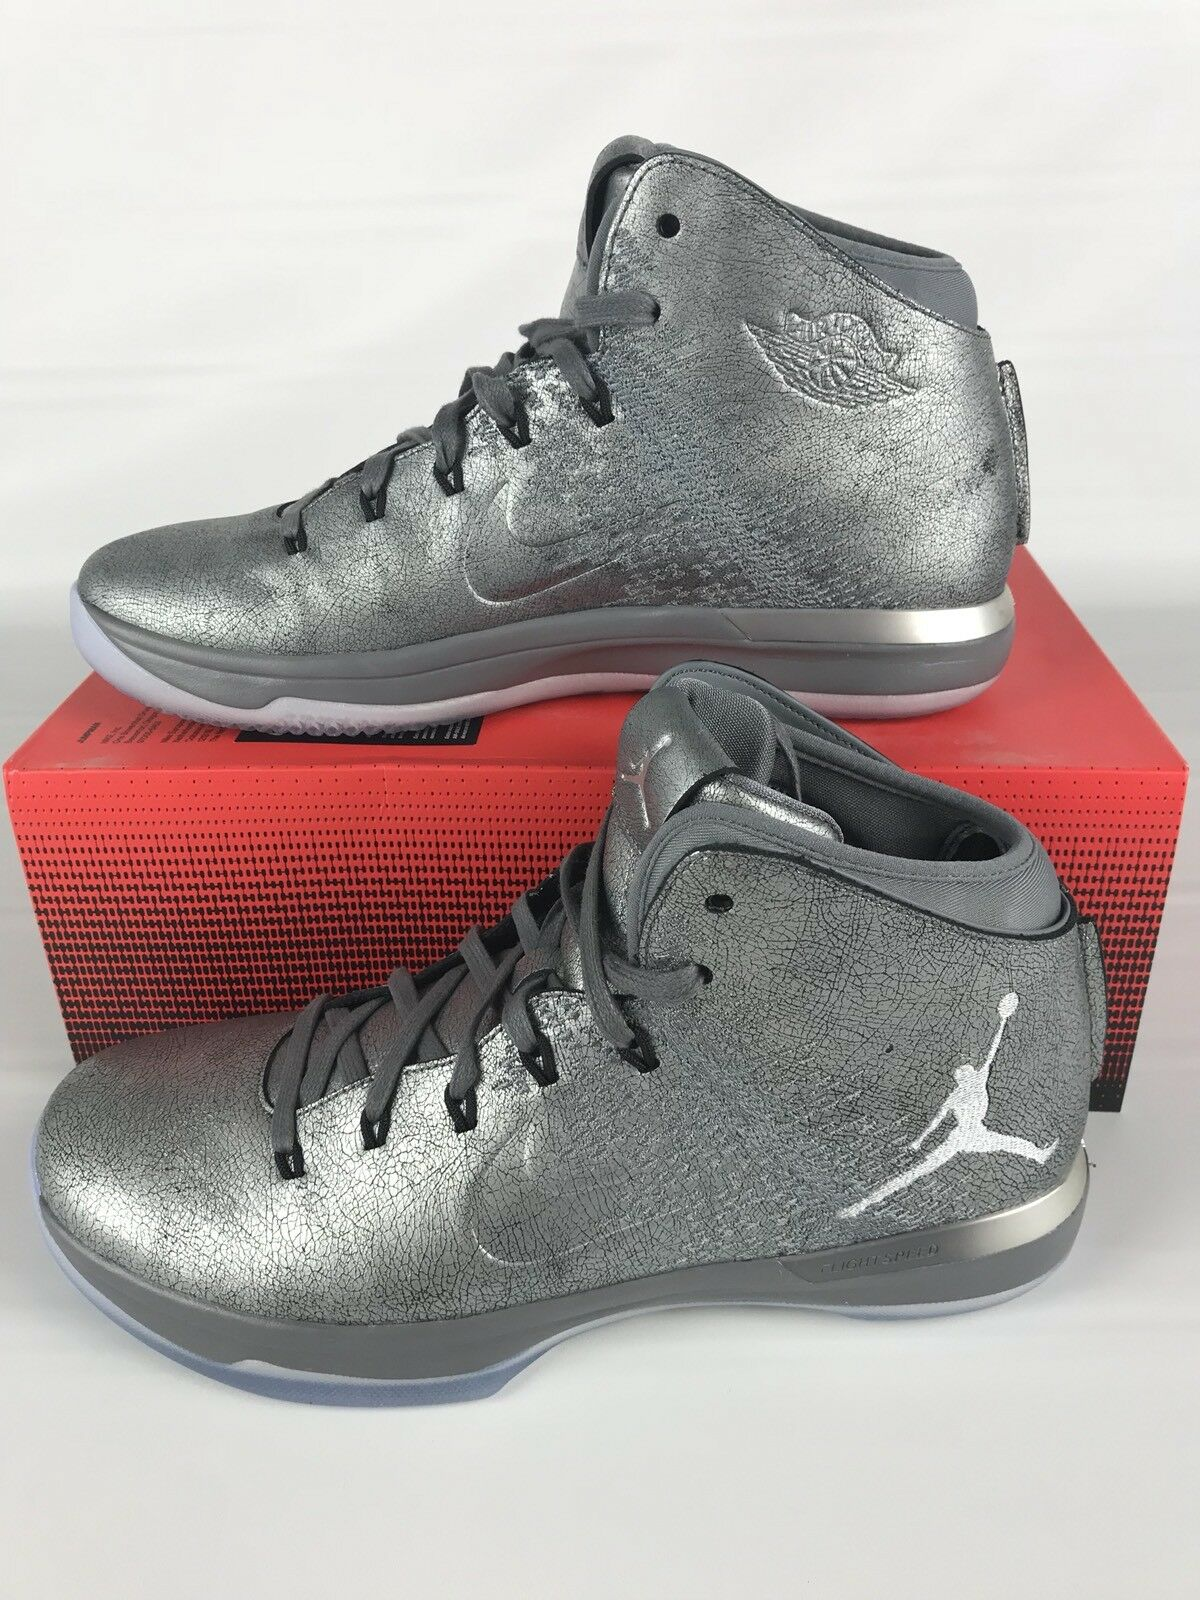 Nike Air Jordan XXXI 31 Premium size 10 Battle Cool Wolf Grey 914293 013 Great discount